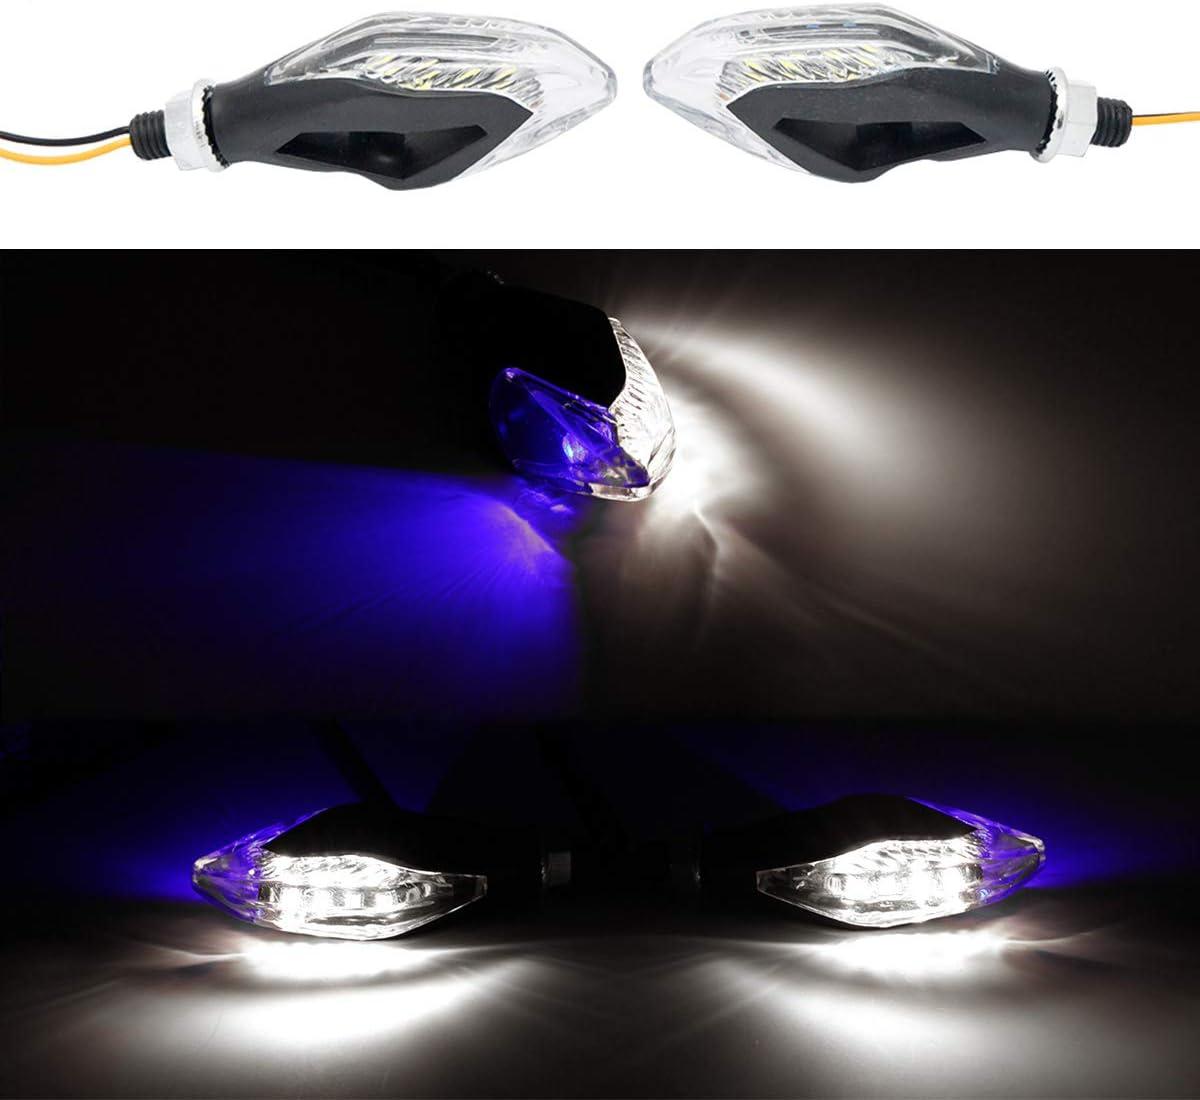 Off-Road Universel Yamaha Blanc MASO Lot de 2 Clignotants LED pour Moto Suzuki pour Moto 12 V Scooter Bleu